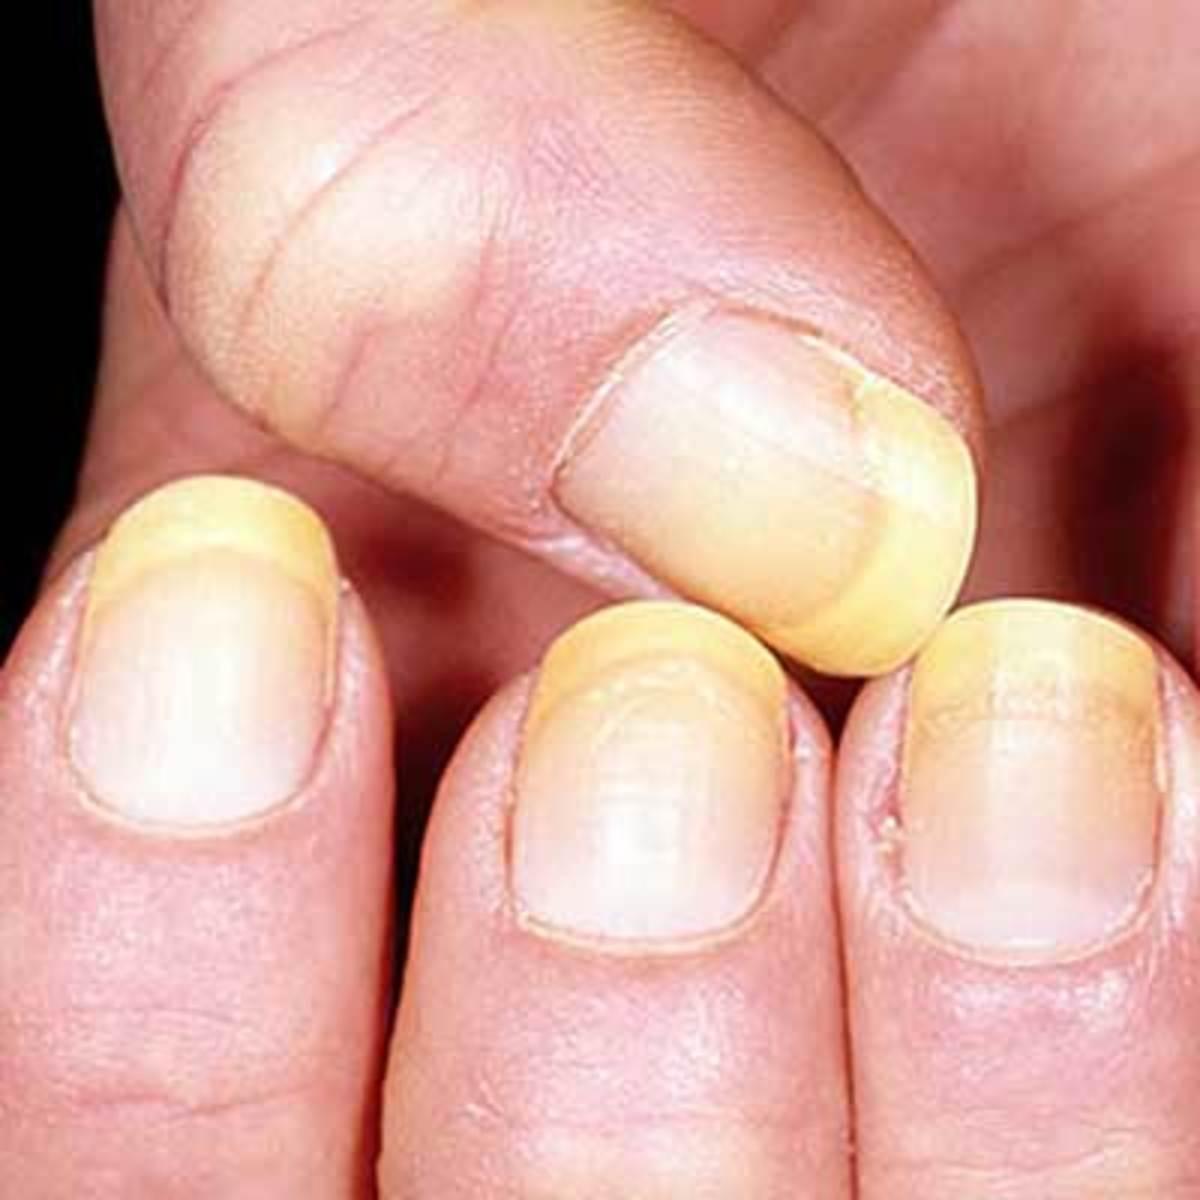 yellowish nails